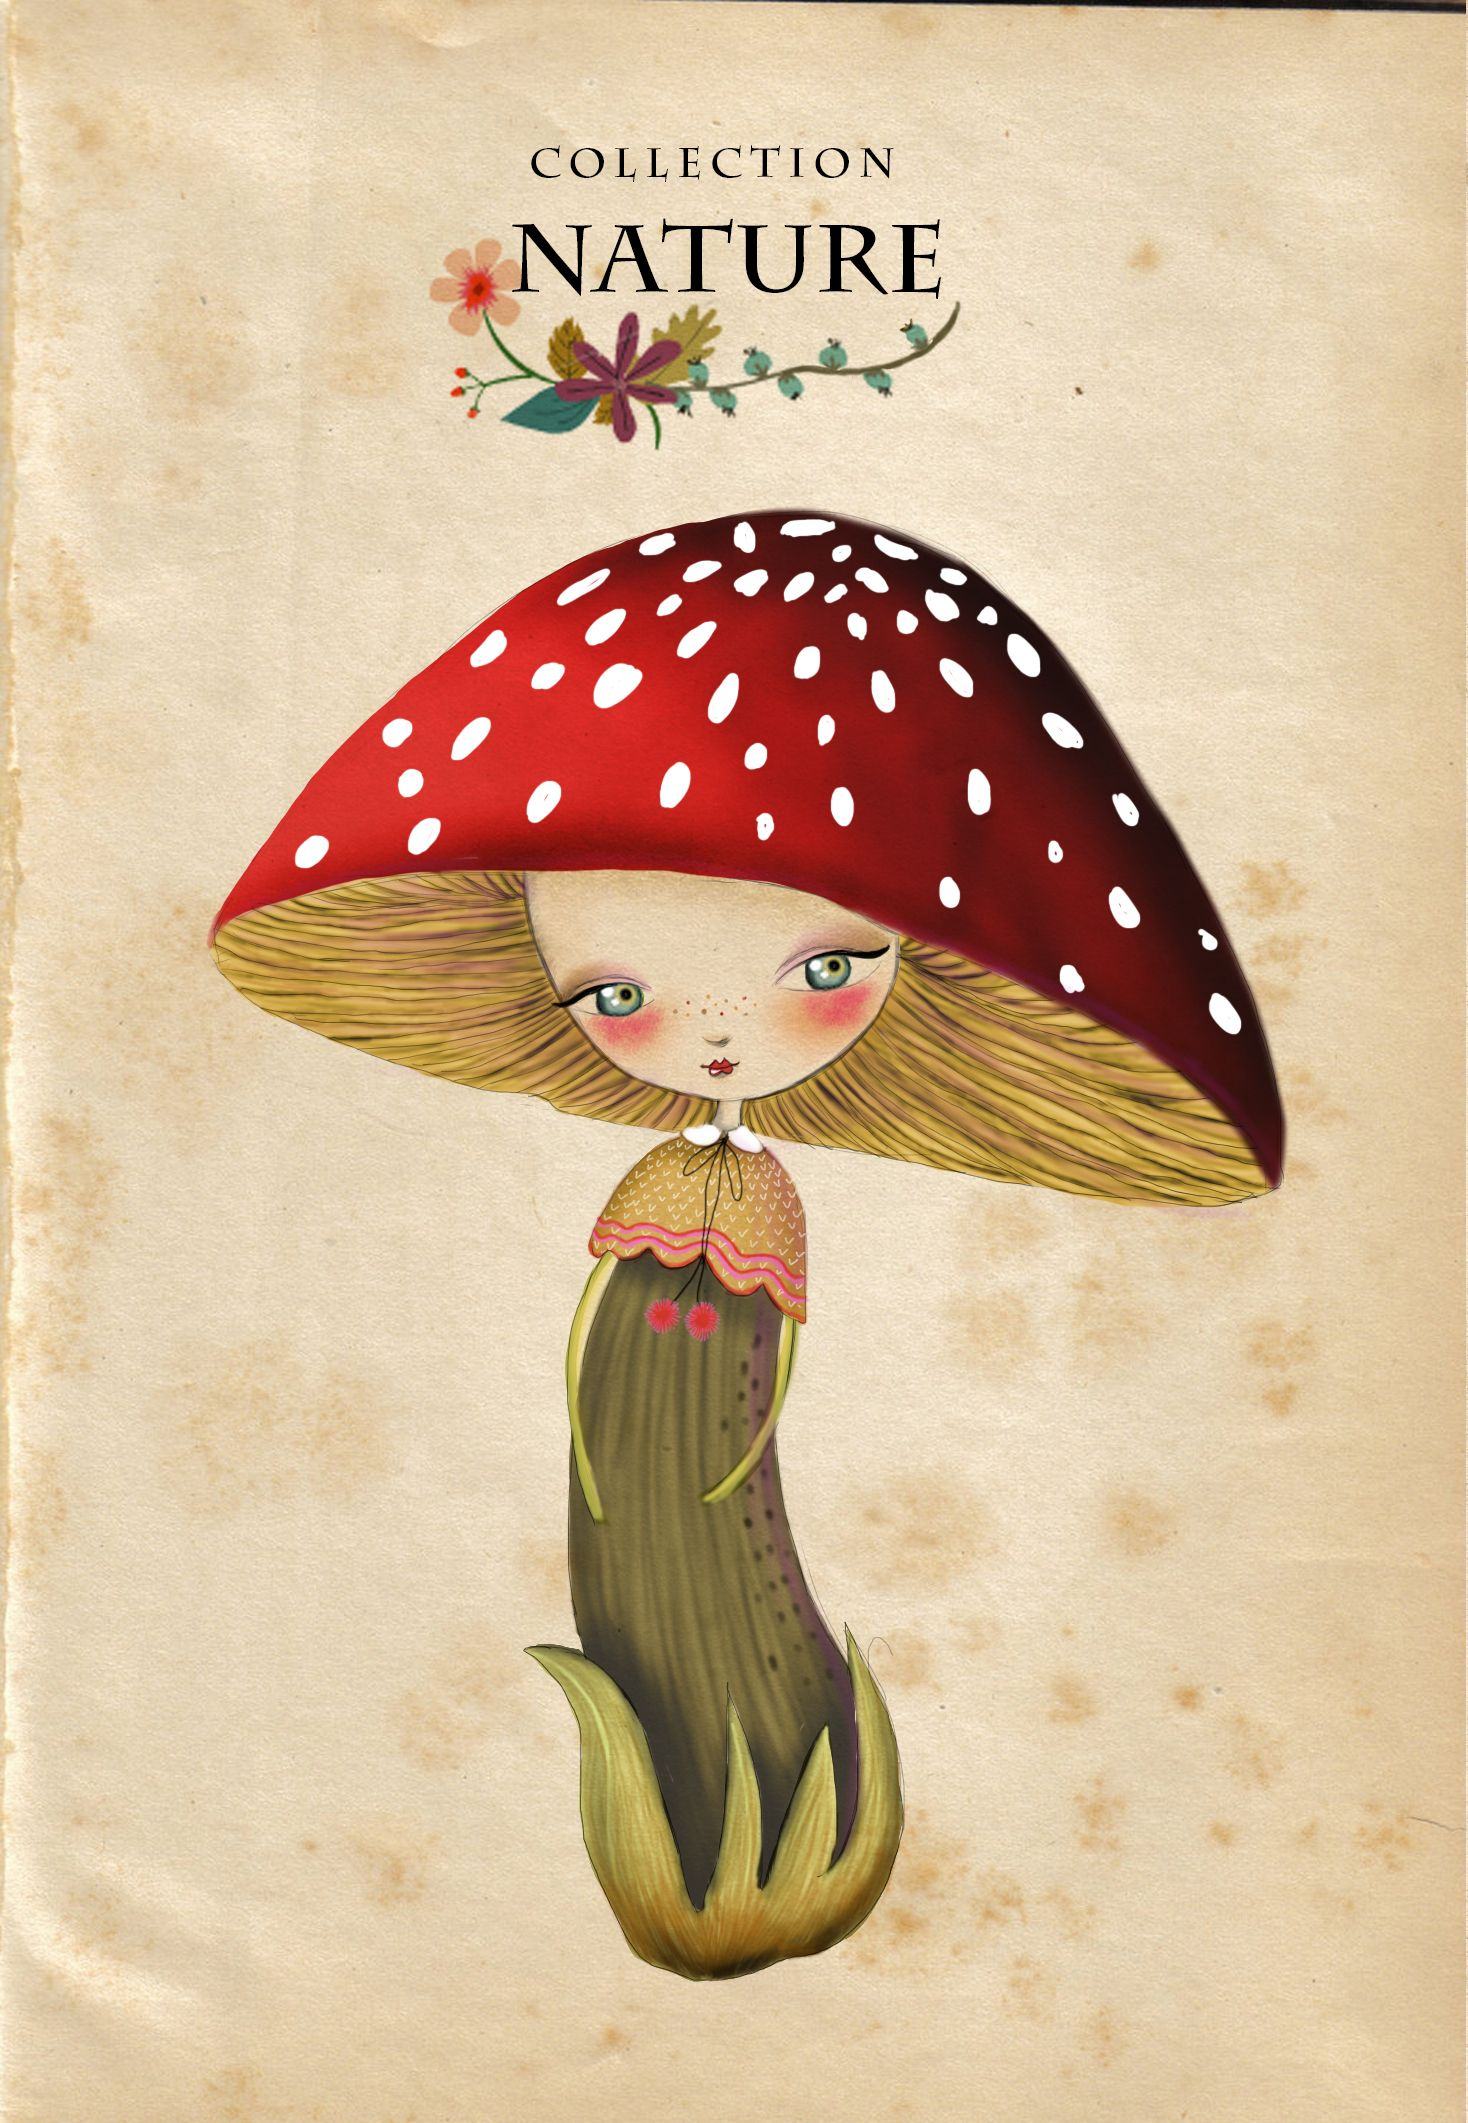 Adorable Little Mushroom Girl Illustration Magical